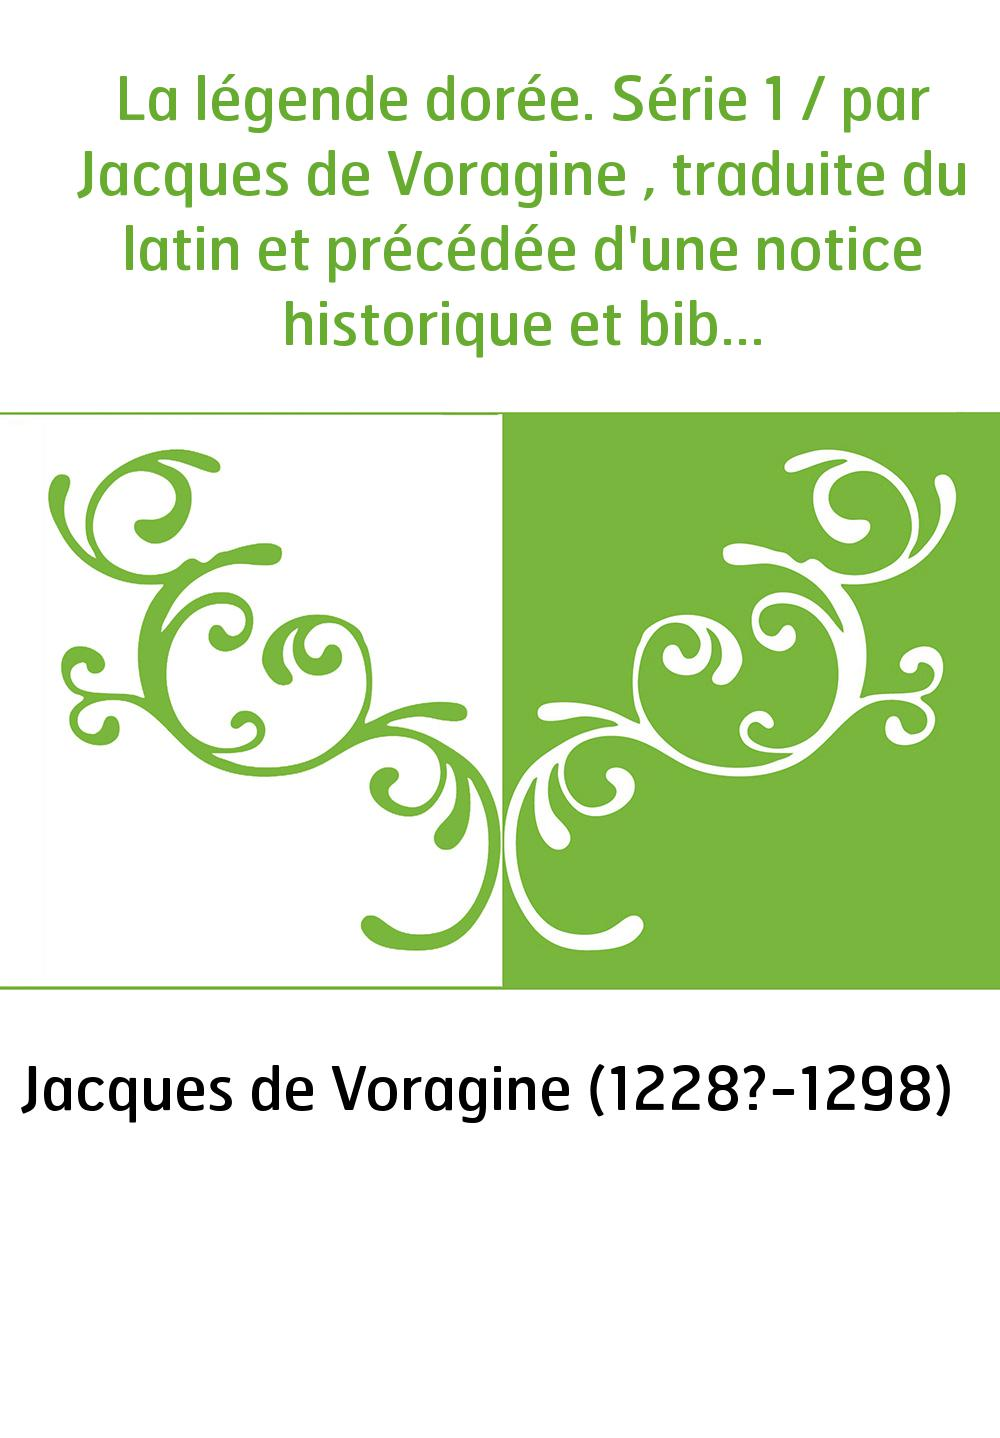 La légende dorée. Série 1 / par Jacques de Voragine , traduite du latin et précédée d'une notice historique et bibliographique,